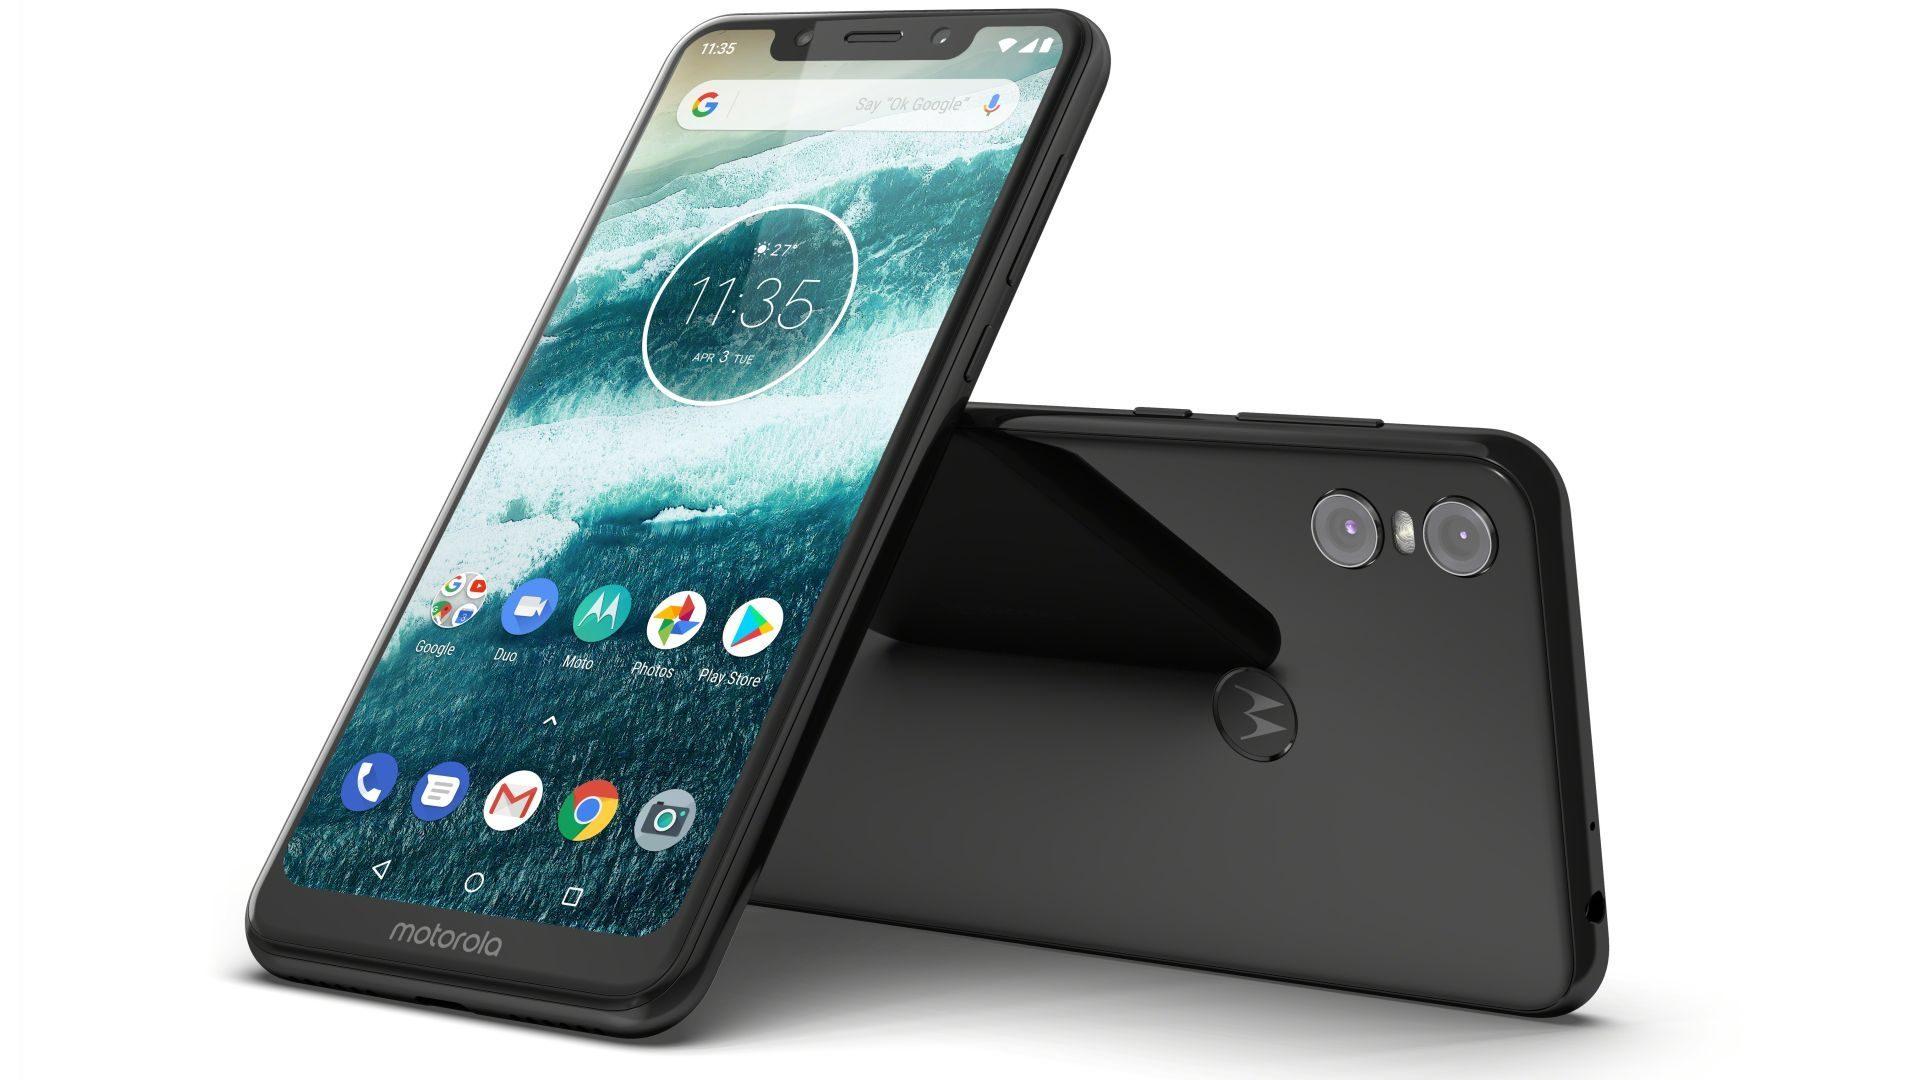 b3a0436f9 TEST: Motorola One - Billig på alle måder | Lyd & Billede